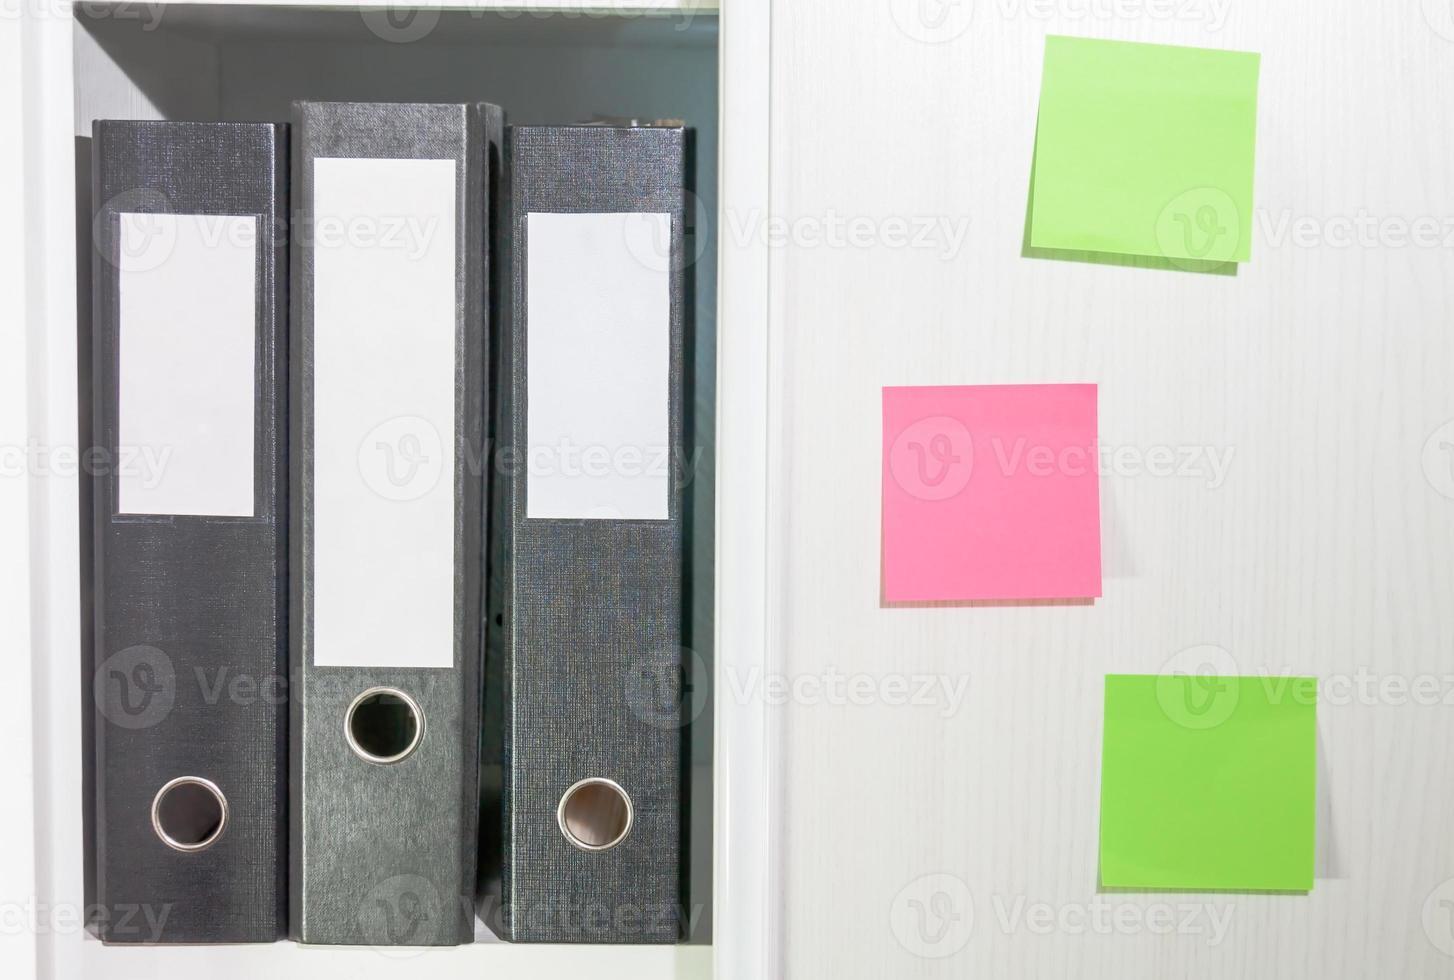 cartelle per documenti su uno scaffale foto